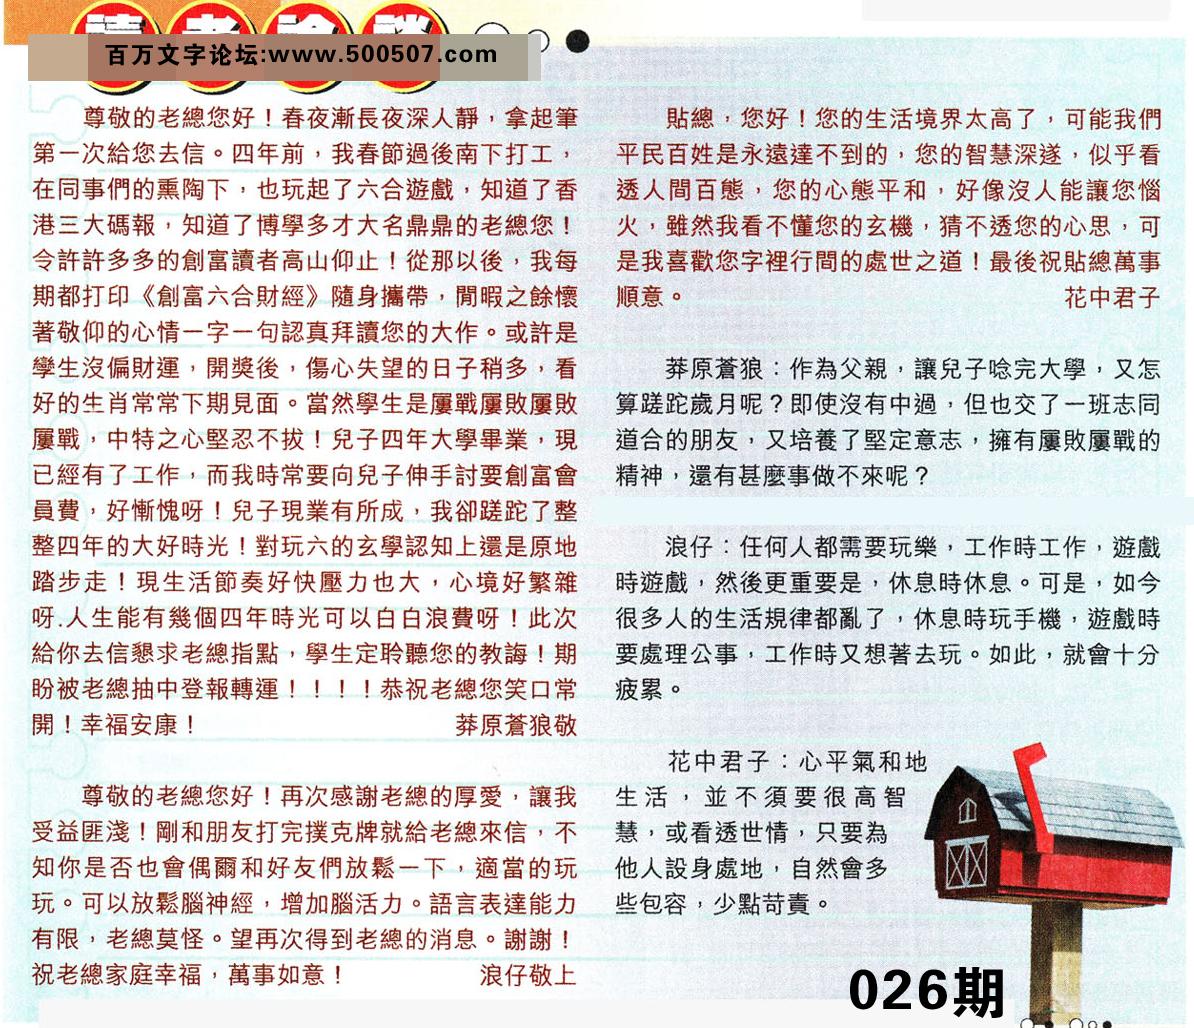 026期:彩民推荐�N信�x者���